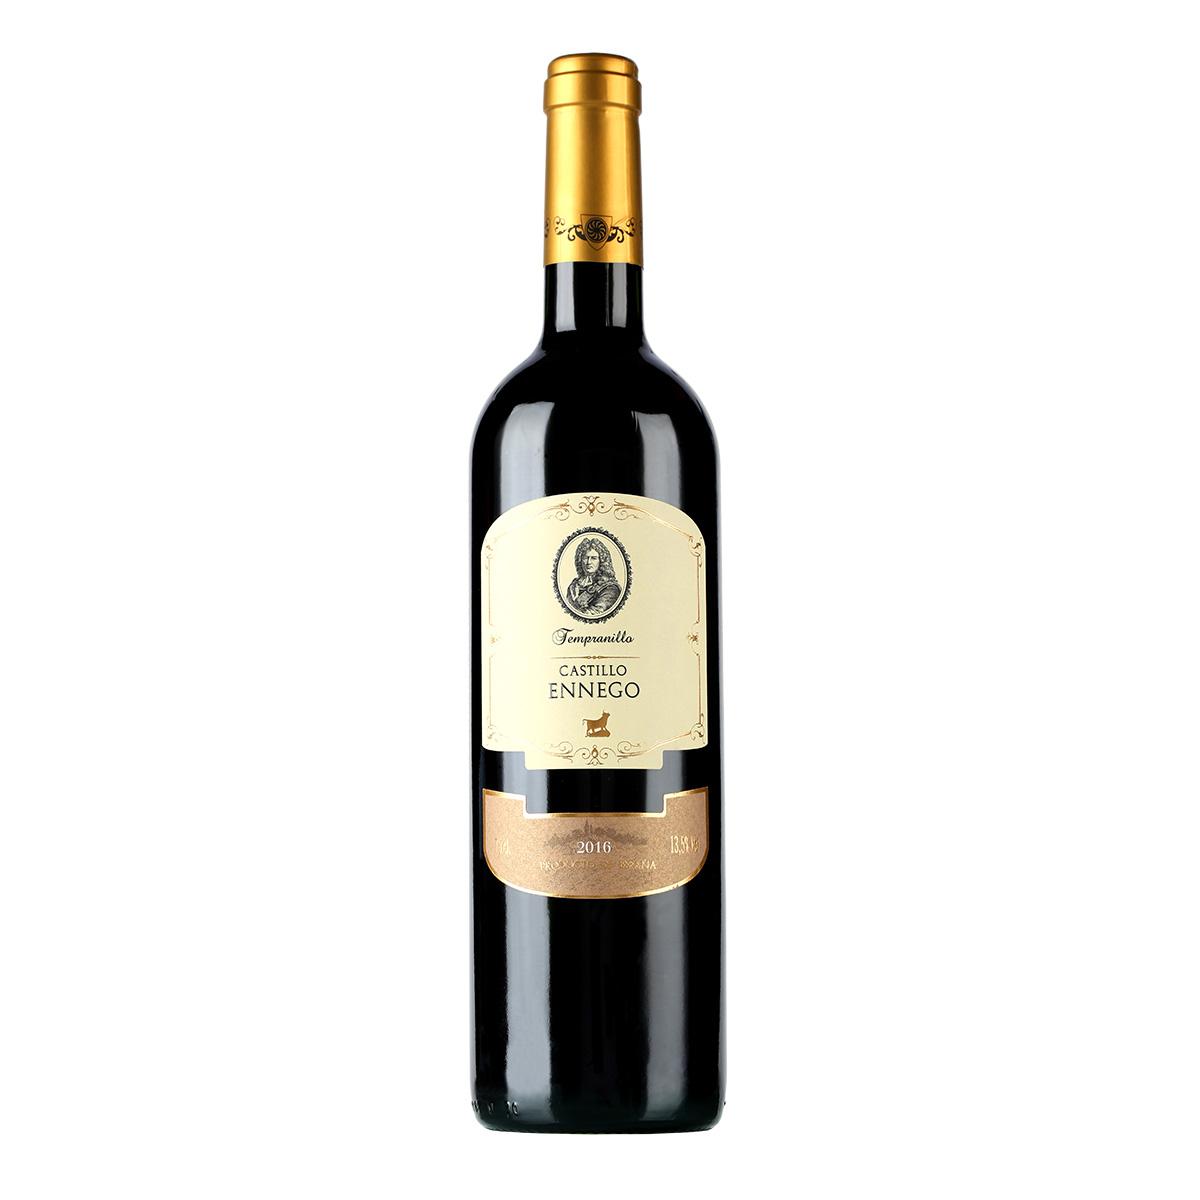 西班牙纳瓦拉安格蓉纳瓦拉酒庄卡斯蒂罗安纳歌丹魄干红葡萄酒(广州永信酒业 )